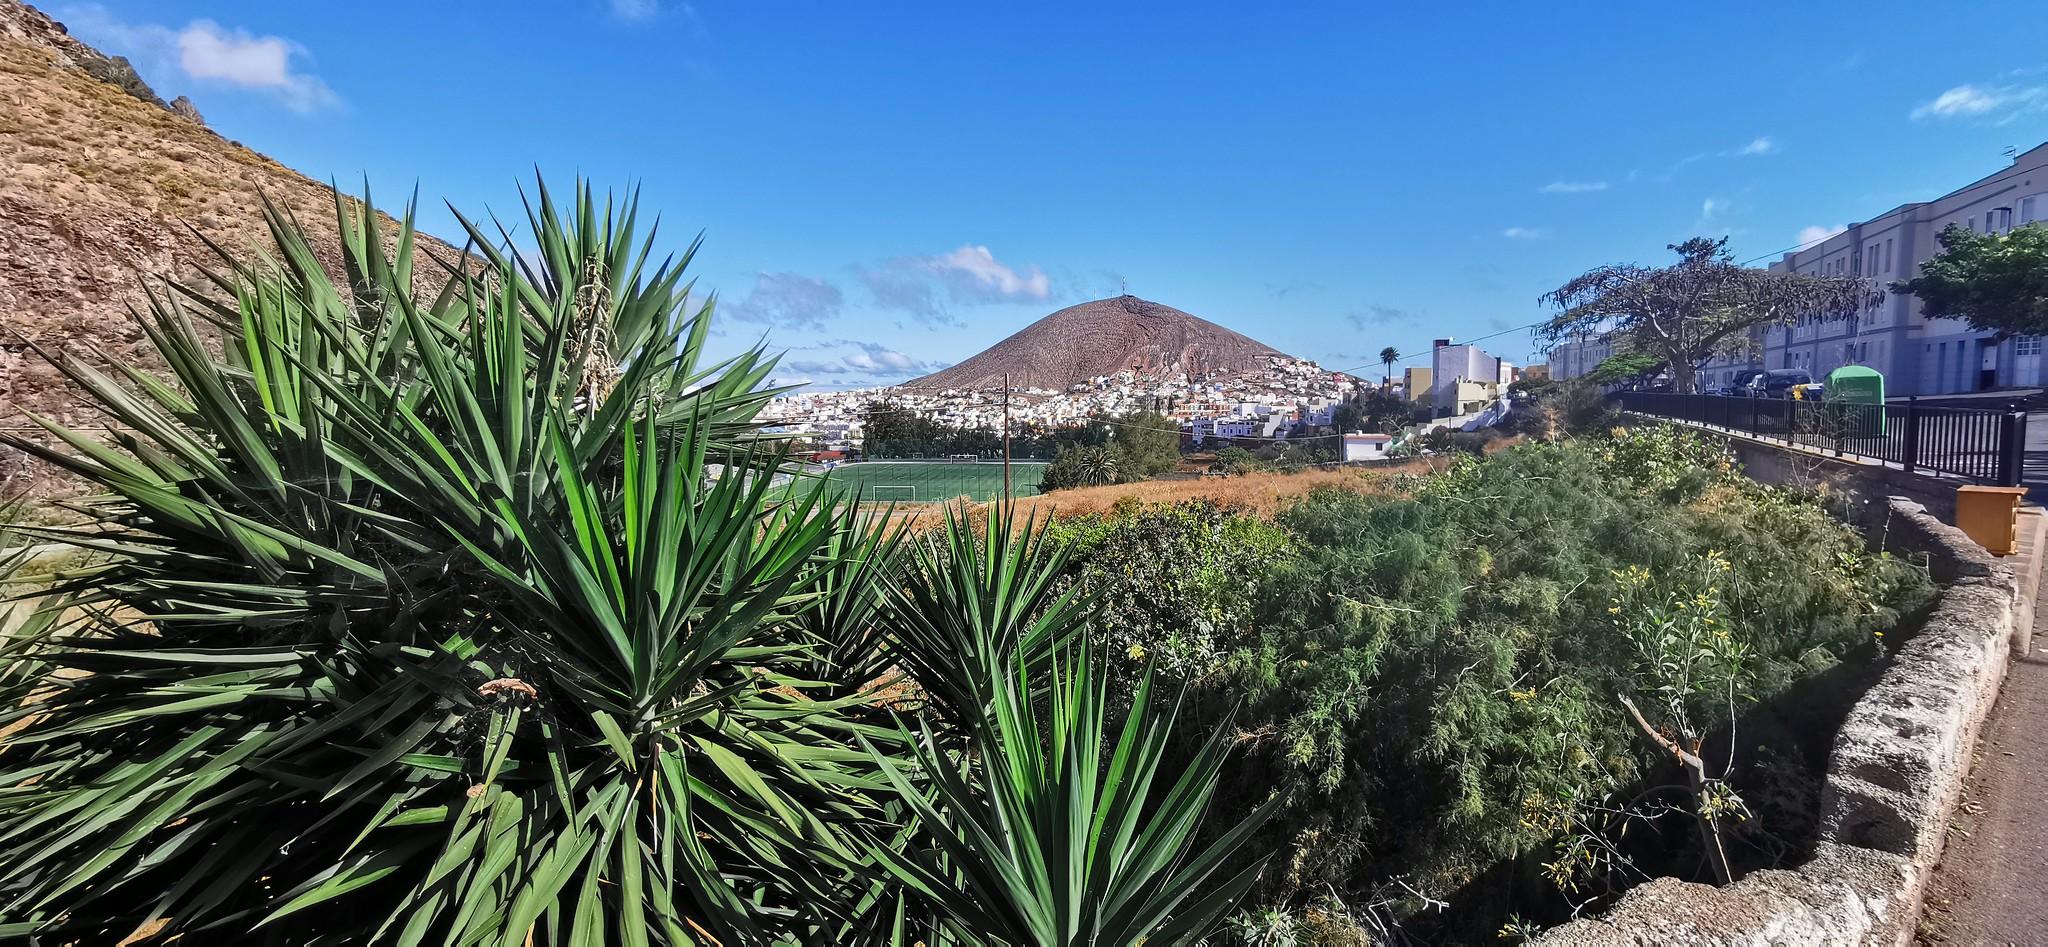 Vista de Santa Maria de Guia y cono volcánico de montaña de Gáldar Gran Canaria